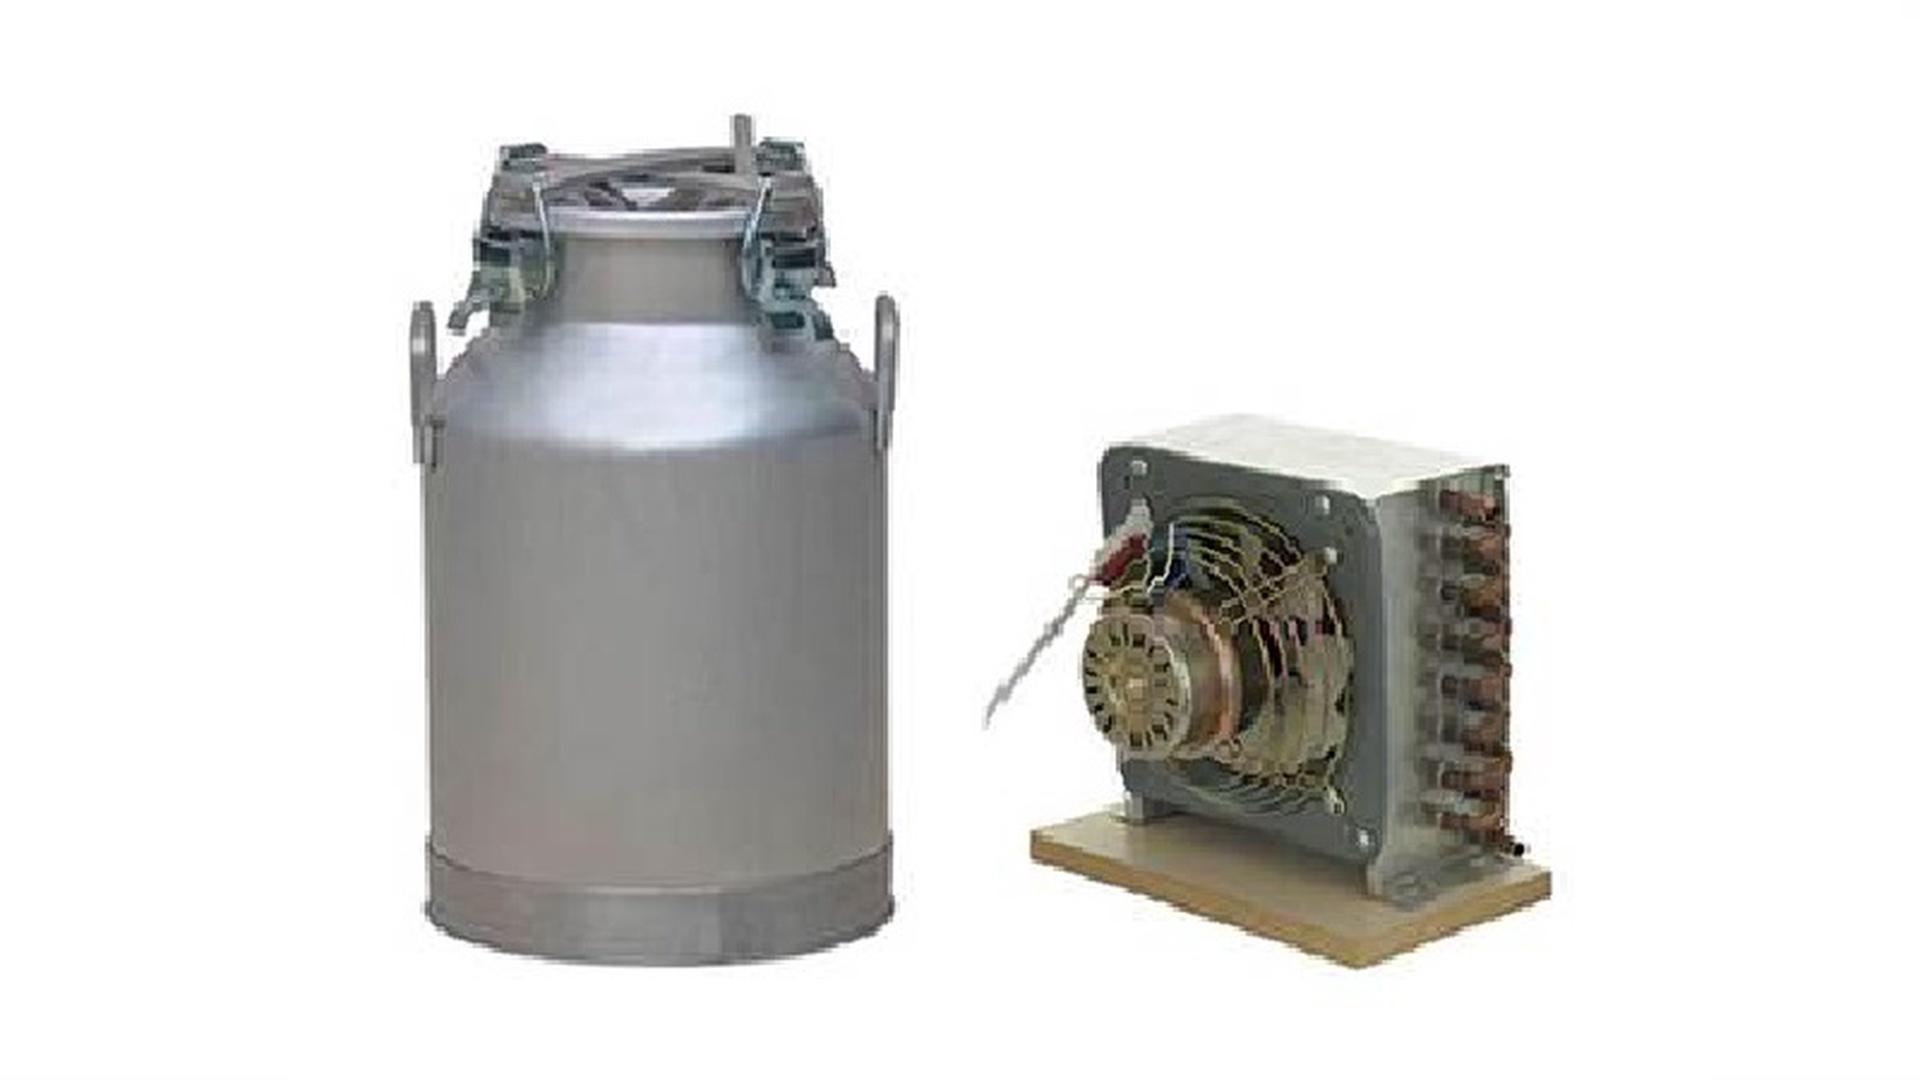 دستگاه تقطیر 50 لیتری 4 چفت با کندانسور برقی بدون ترمومانومتر مدل 18889